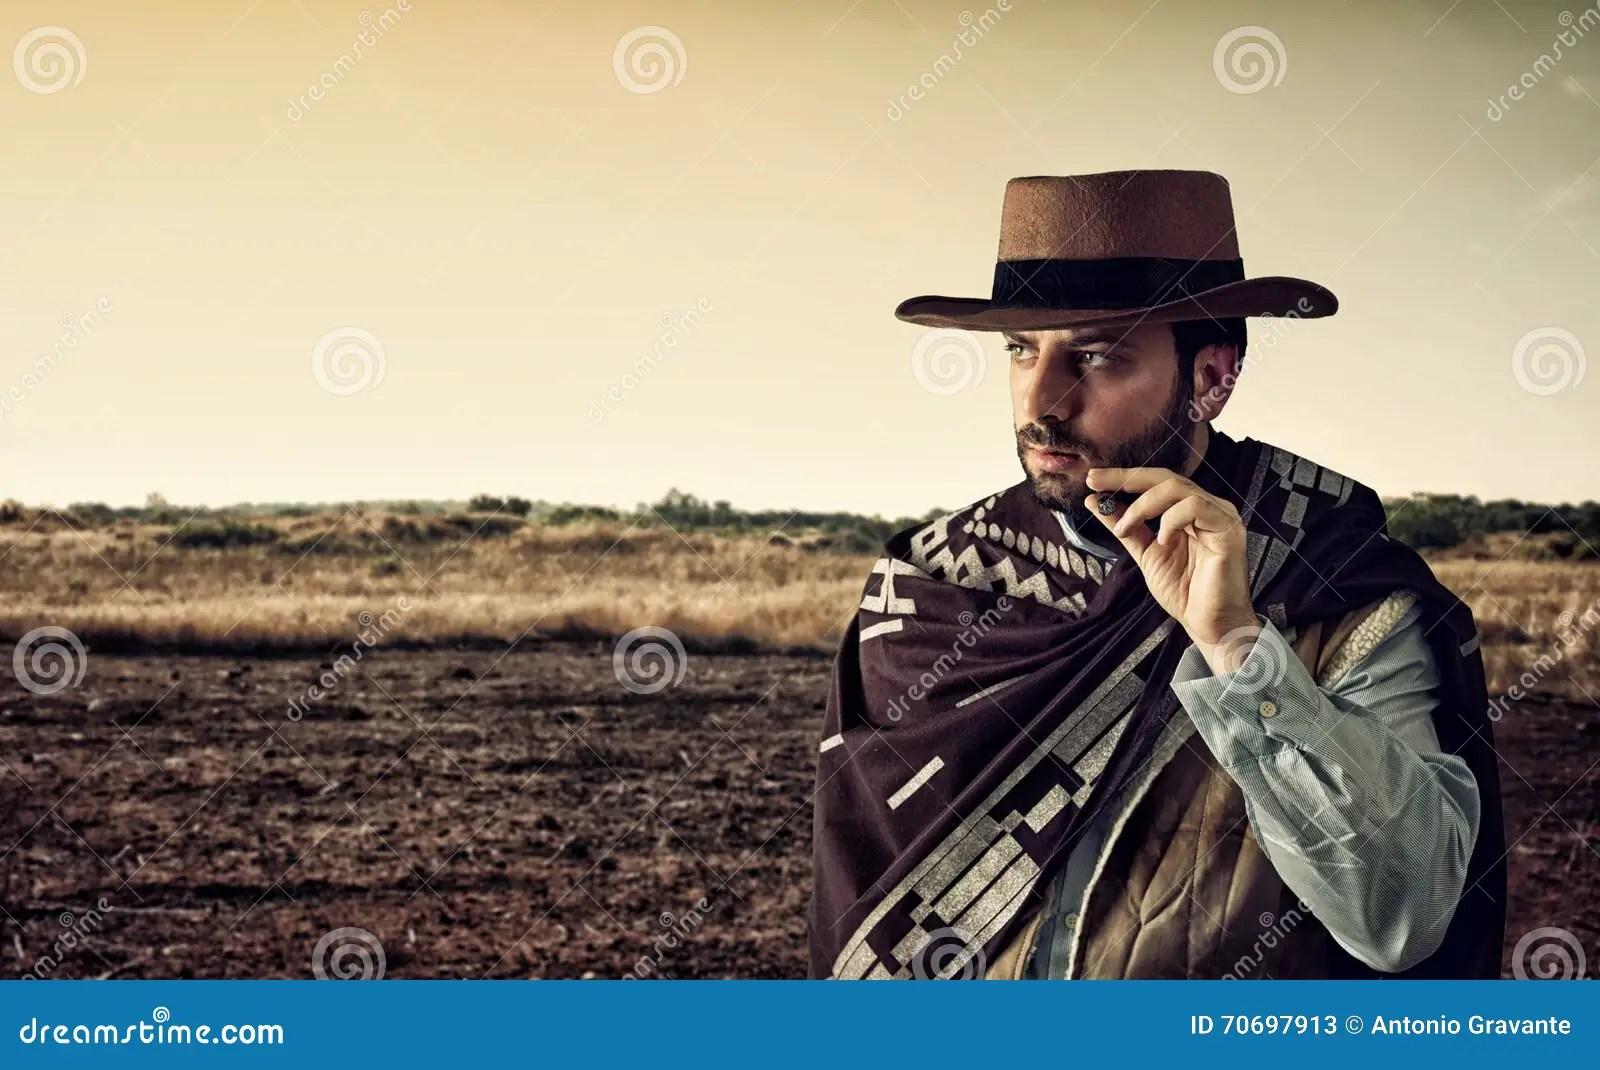 Gunfighter Stock Photos